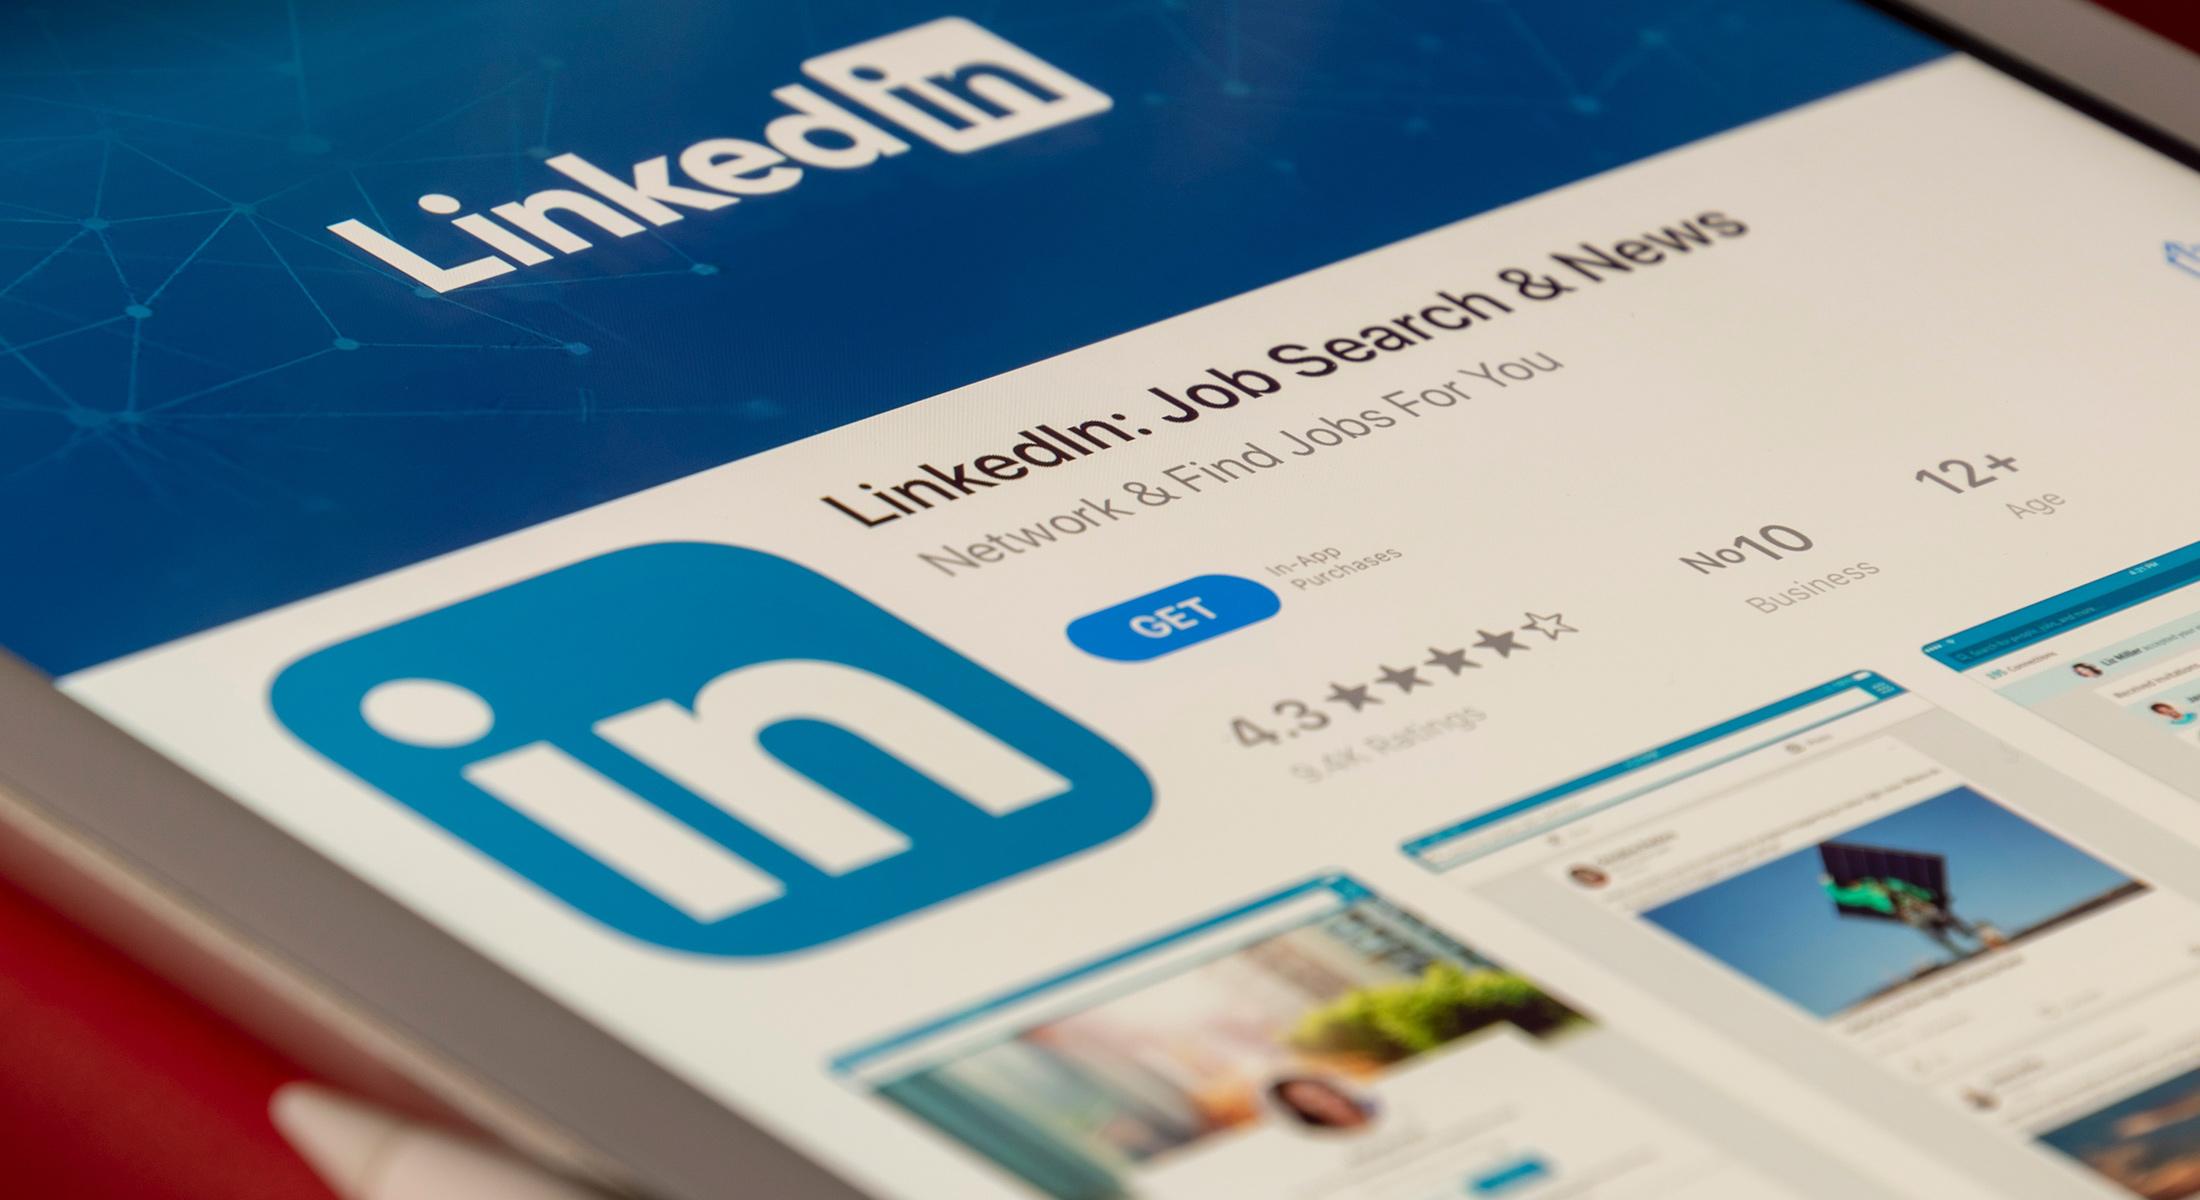 MCSH Veranstaltung: Employer-Branding auf Linkedin